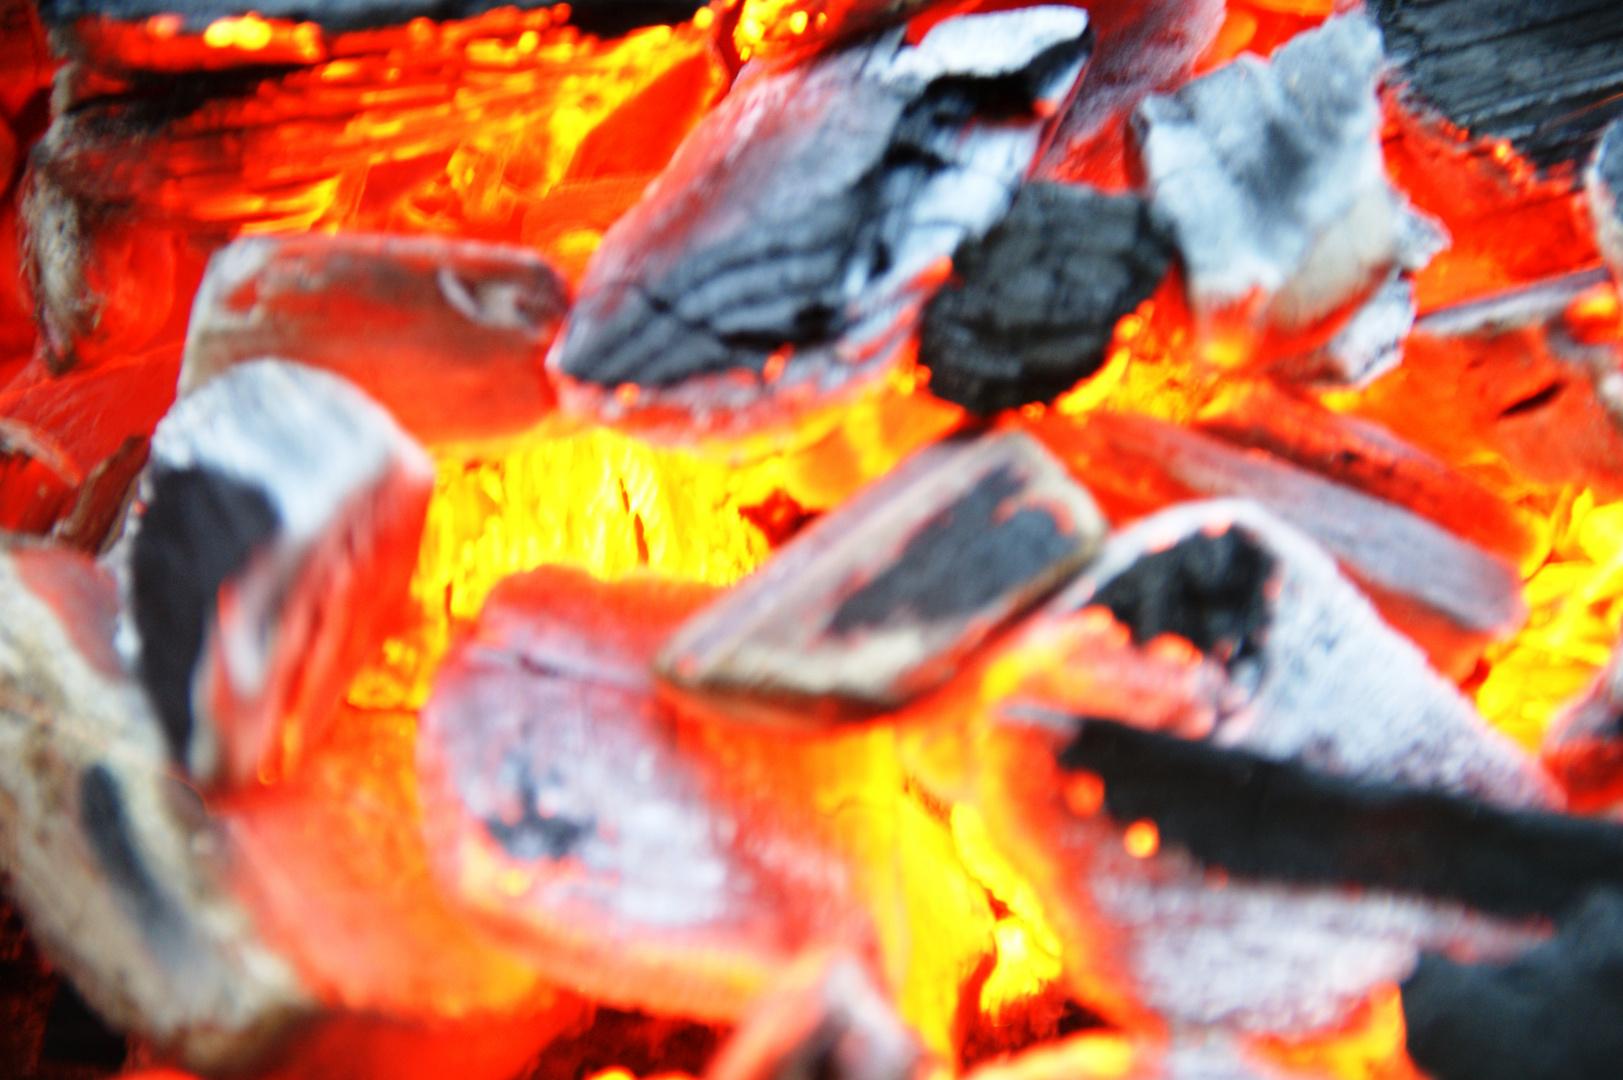 Höllenzugang - glühende Holzkohle